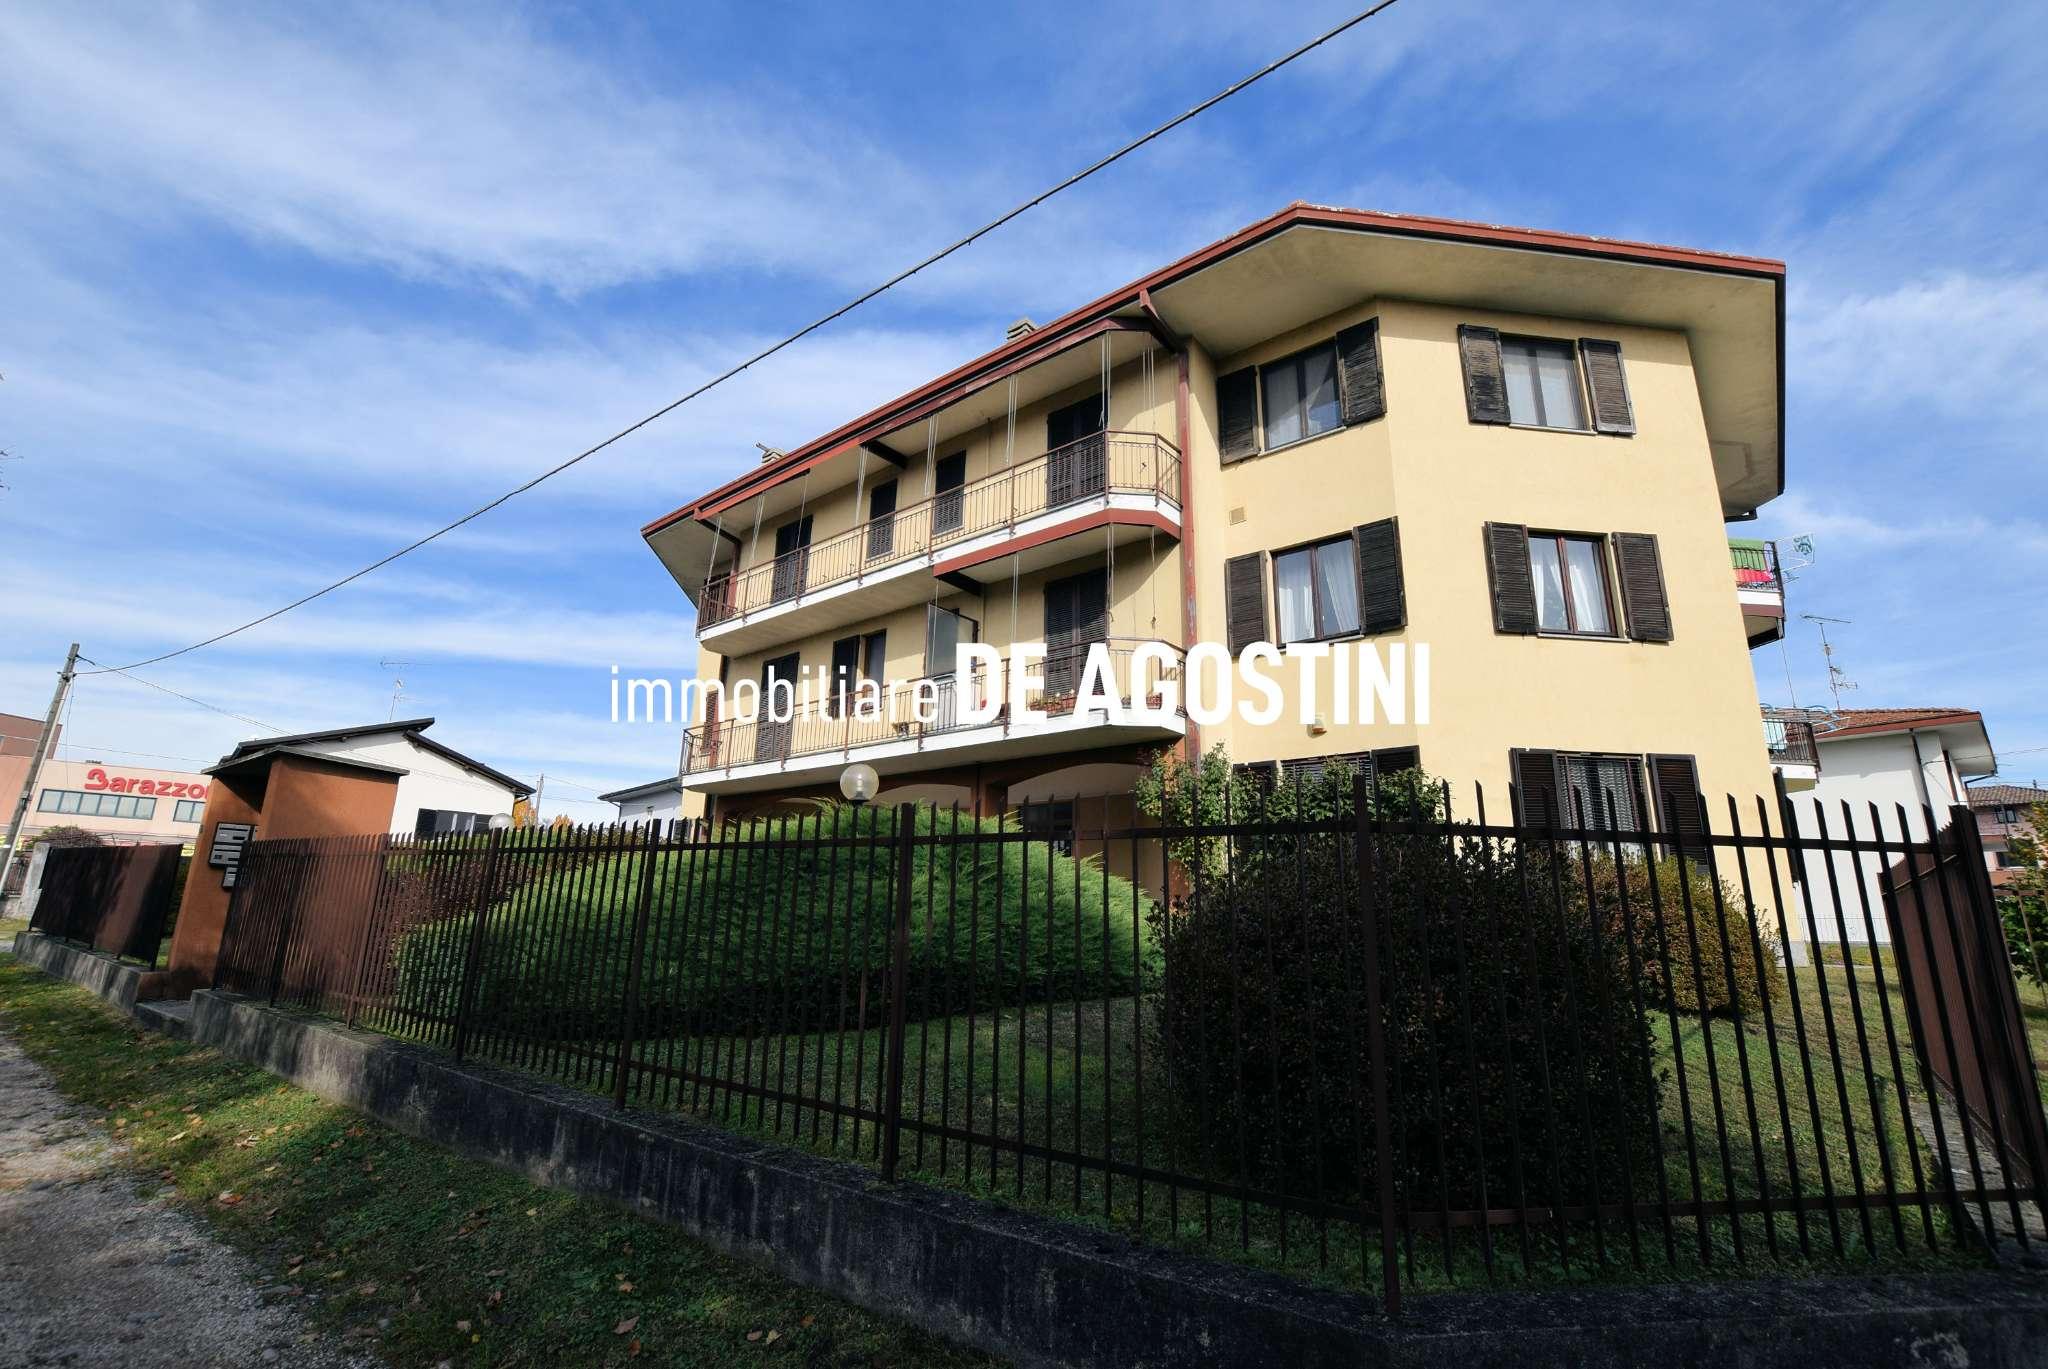 Appartamento in vendita a Oleggio Castello, 3 locali, prezzo € 140.000 | CambioCasa.it